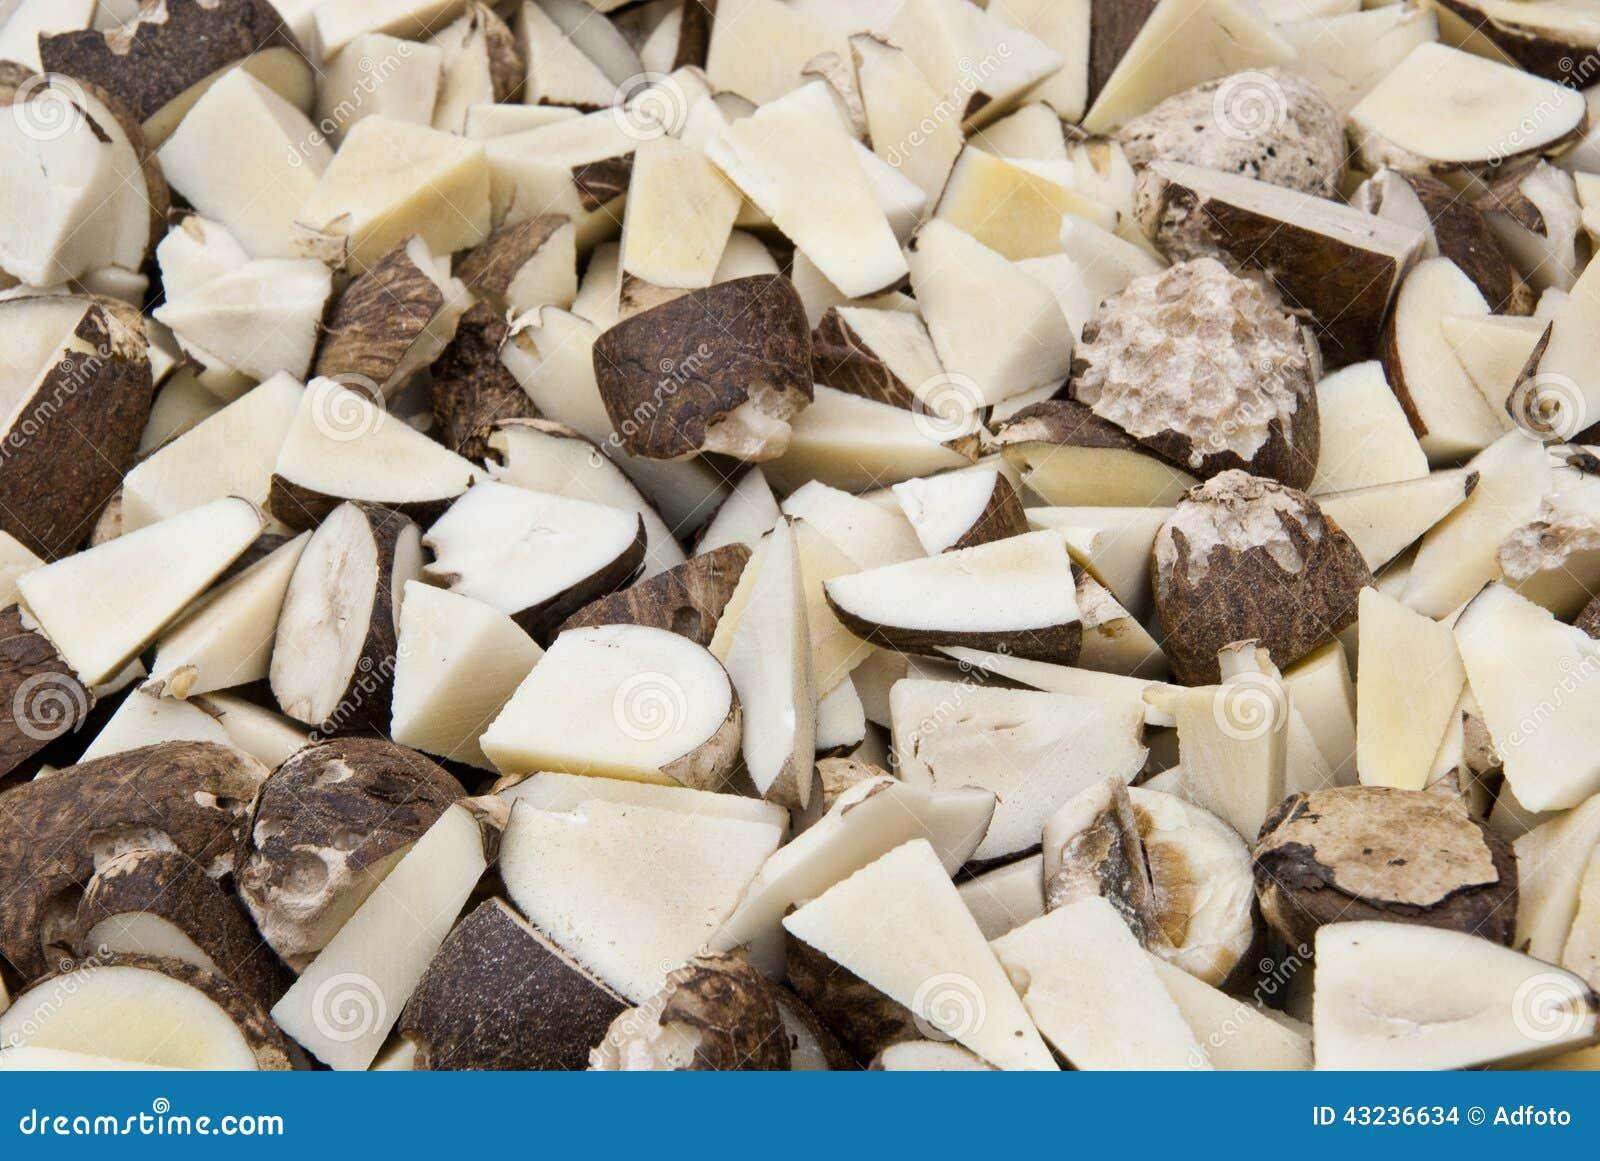 Vegetable Ivory - Tagua Seeds Cut